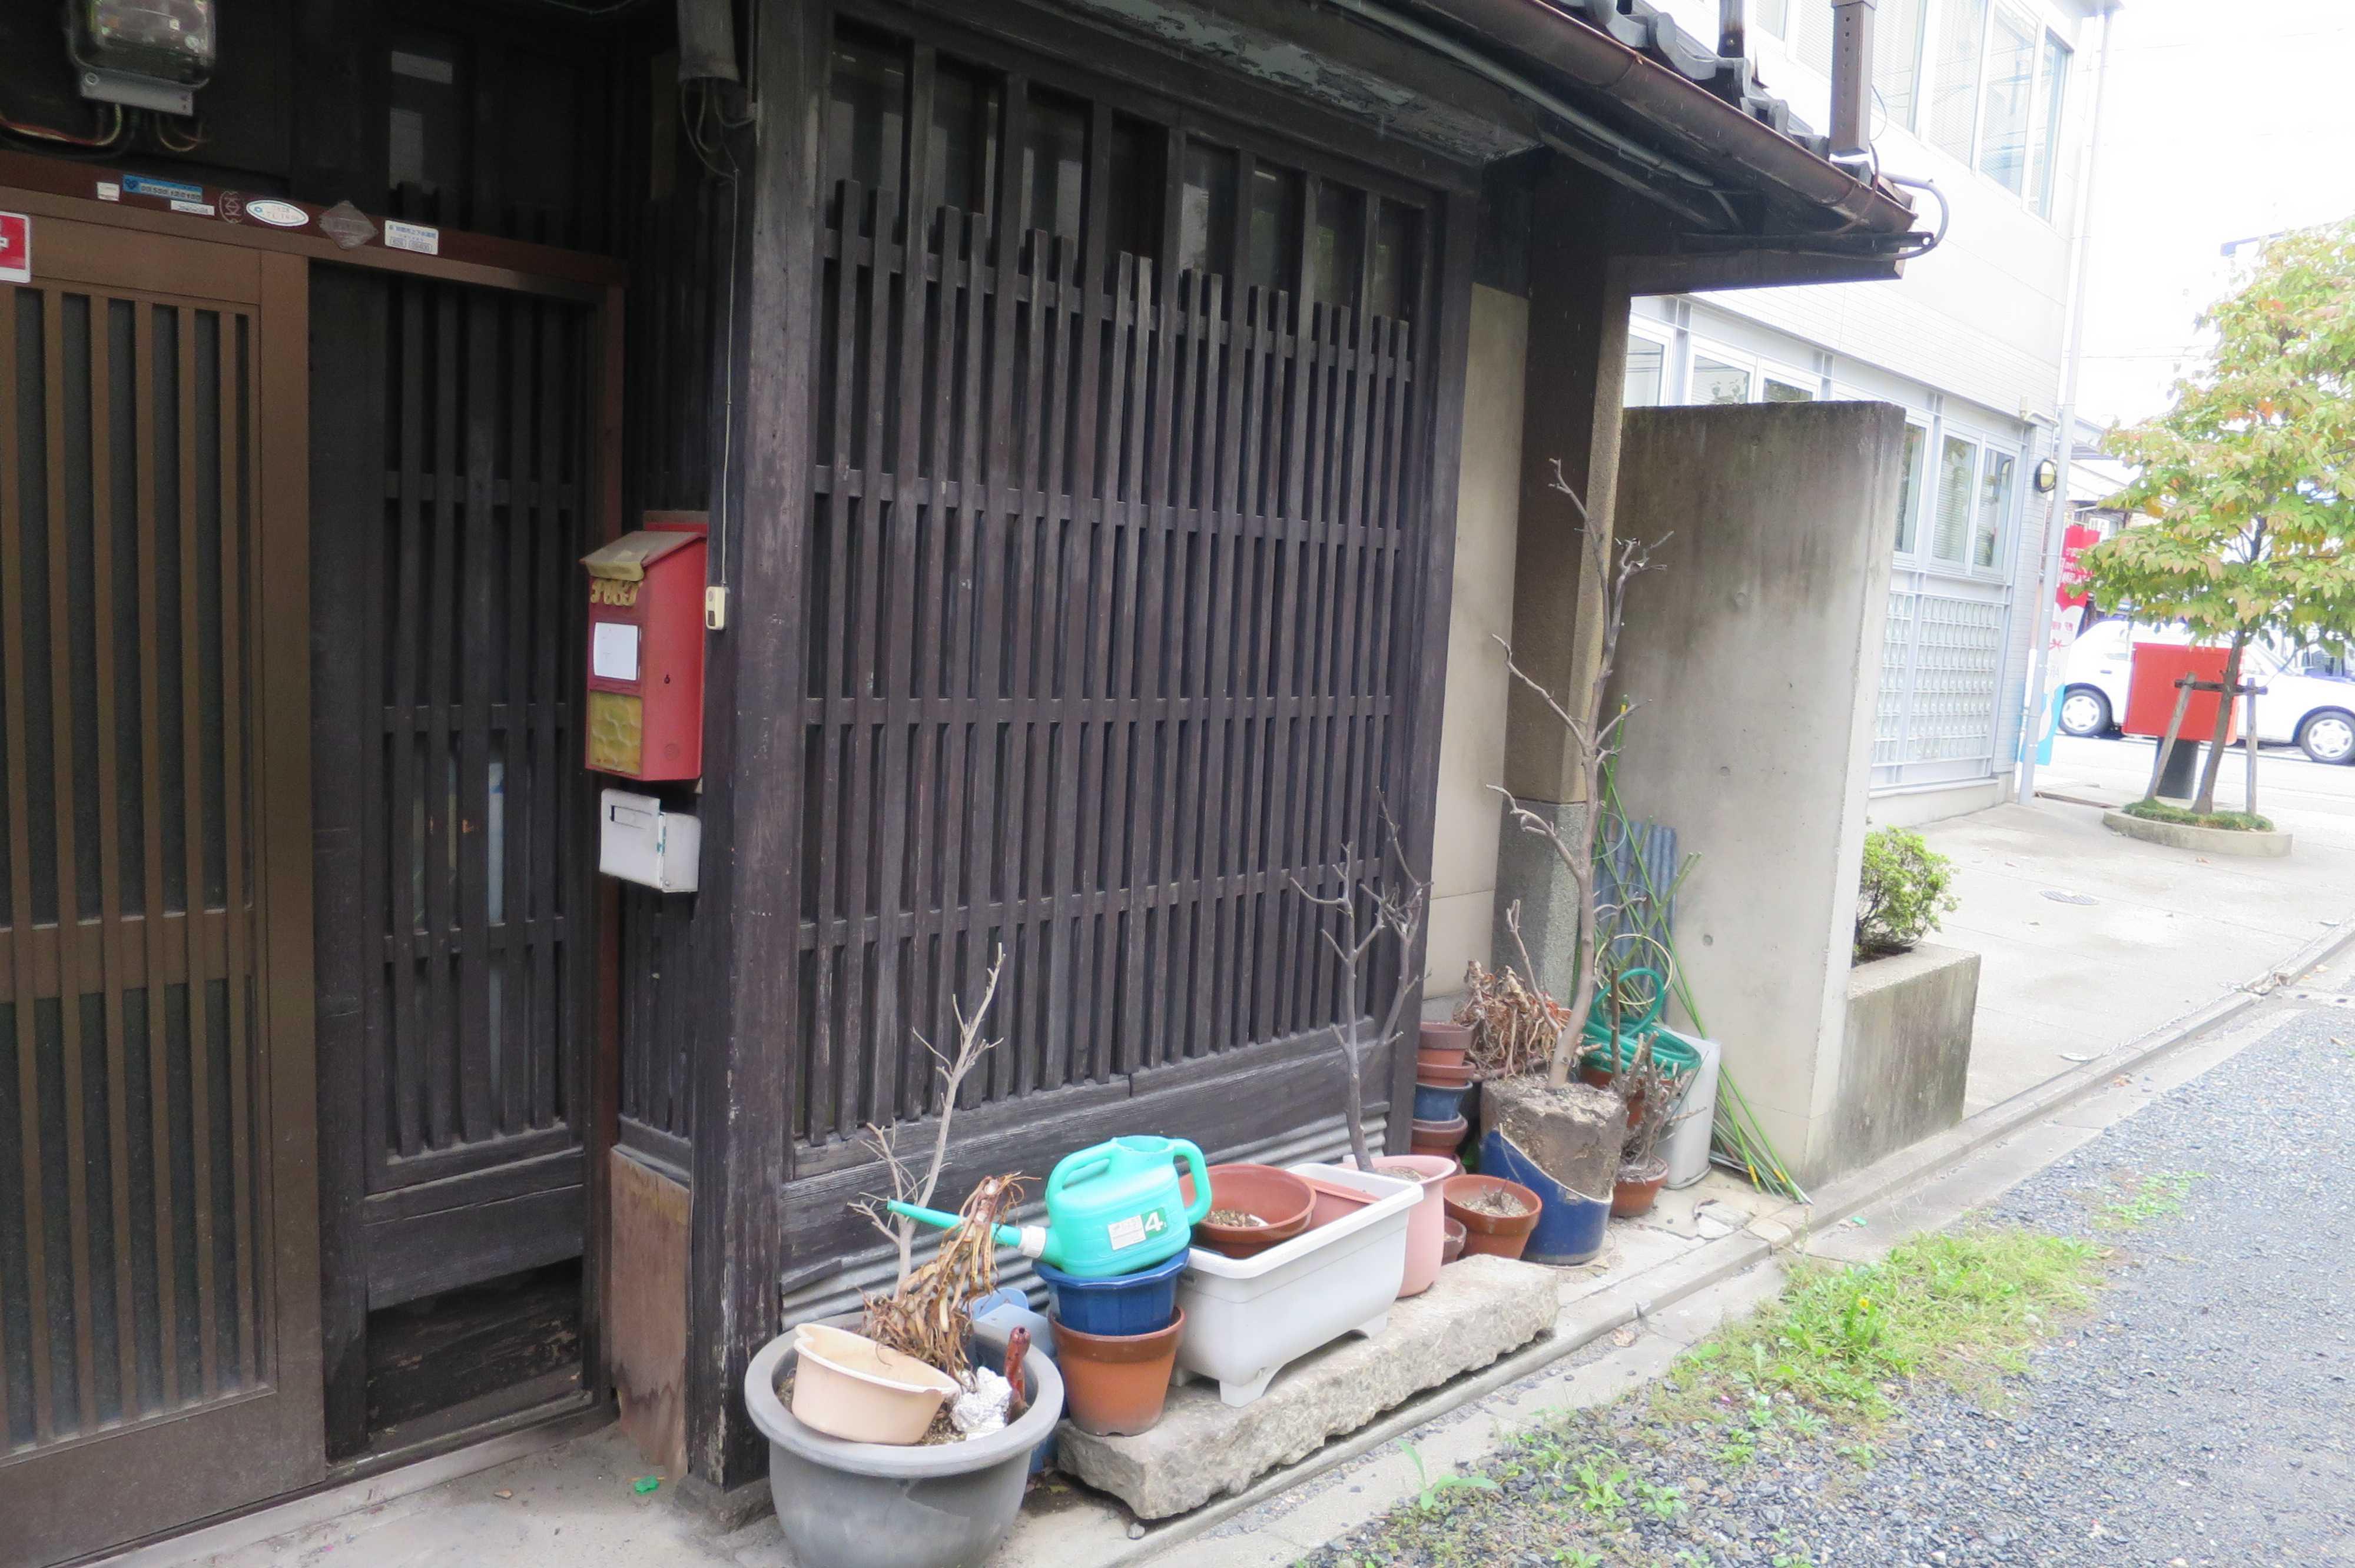 京都 - 町屋の表格子